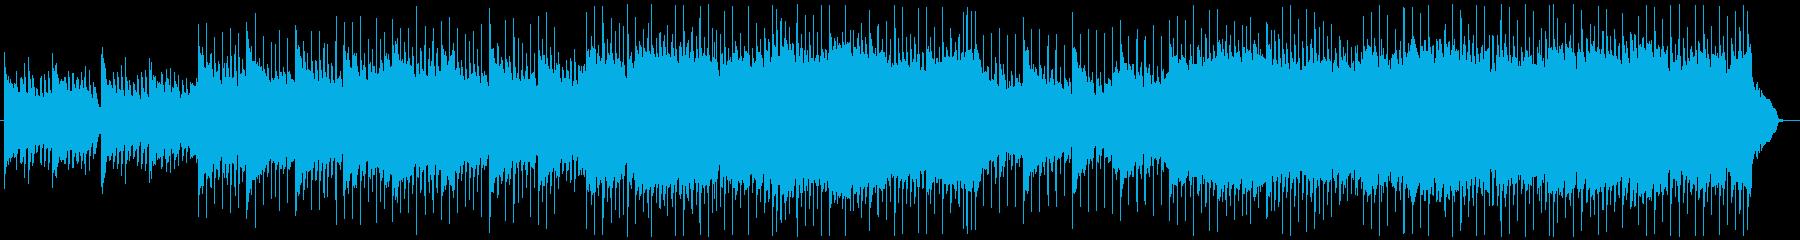 爽やかなピアノメロが印象的なポップスの再生済みの波形